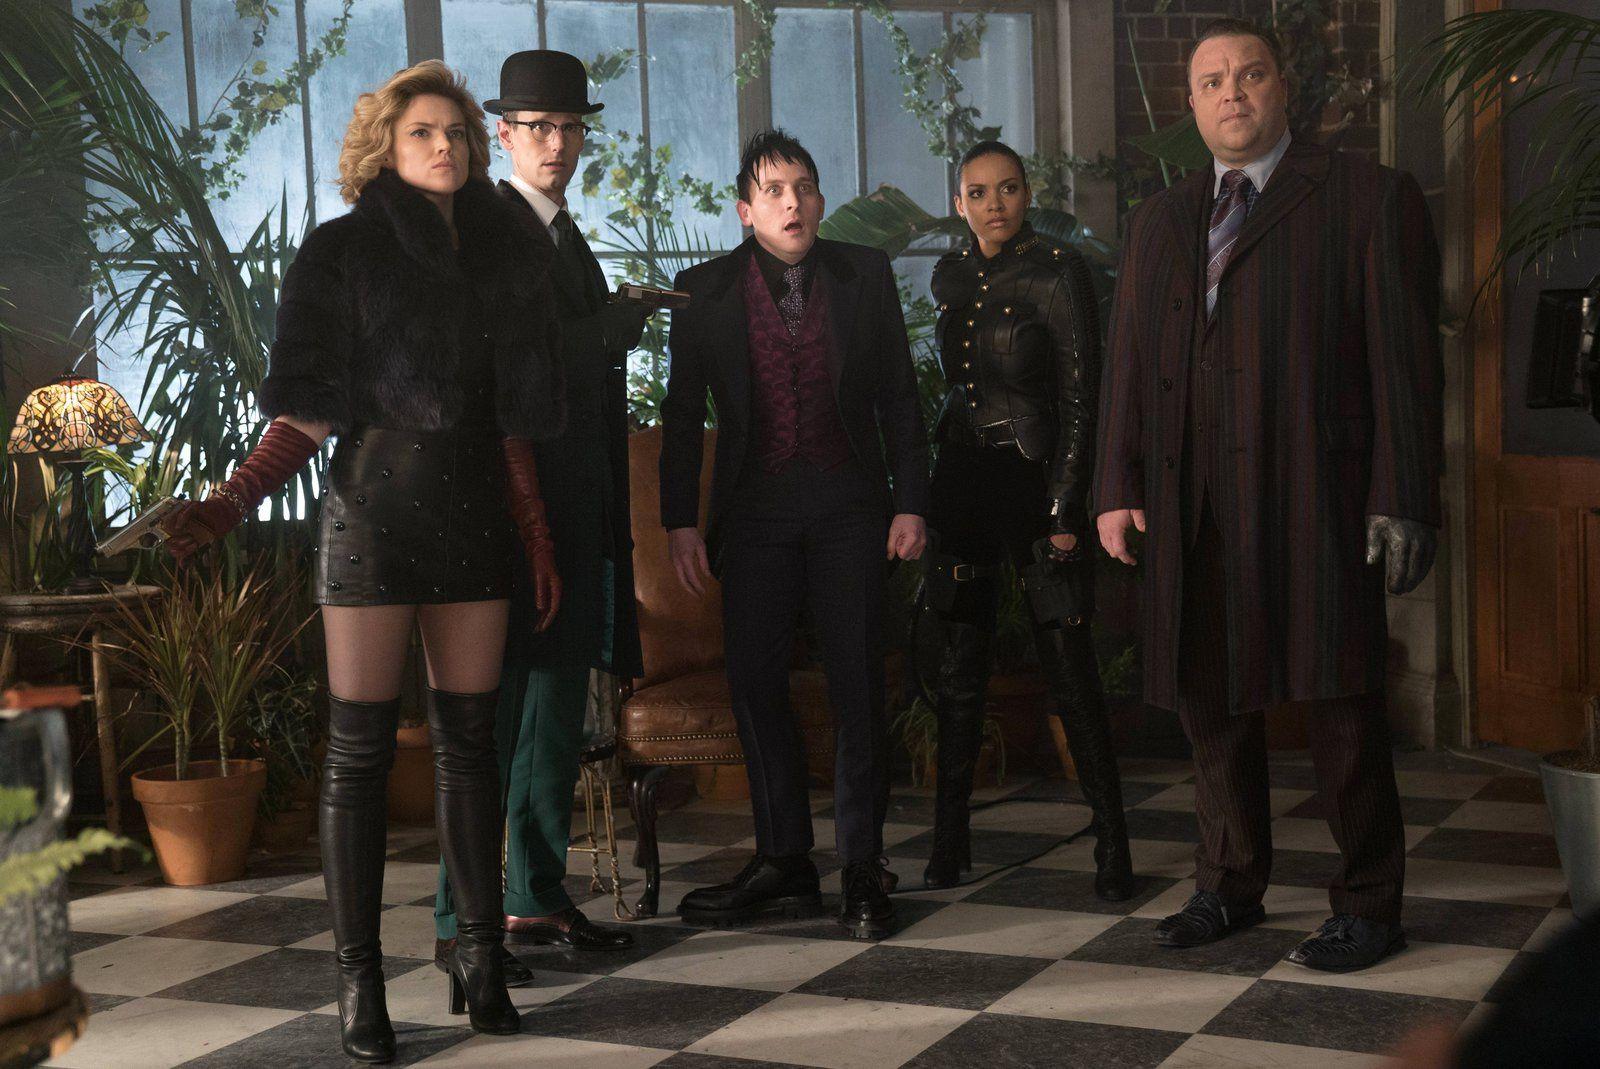 Gotham Saison 3 : Retrouvez l'inspecteur Gordon en DVD et Blu-Ray dès le 6 juin 2018 !